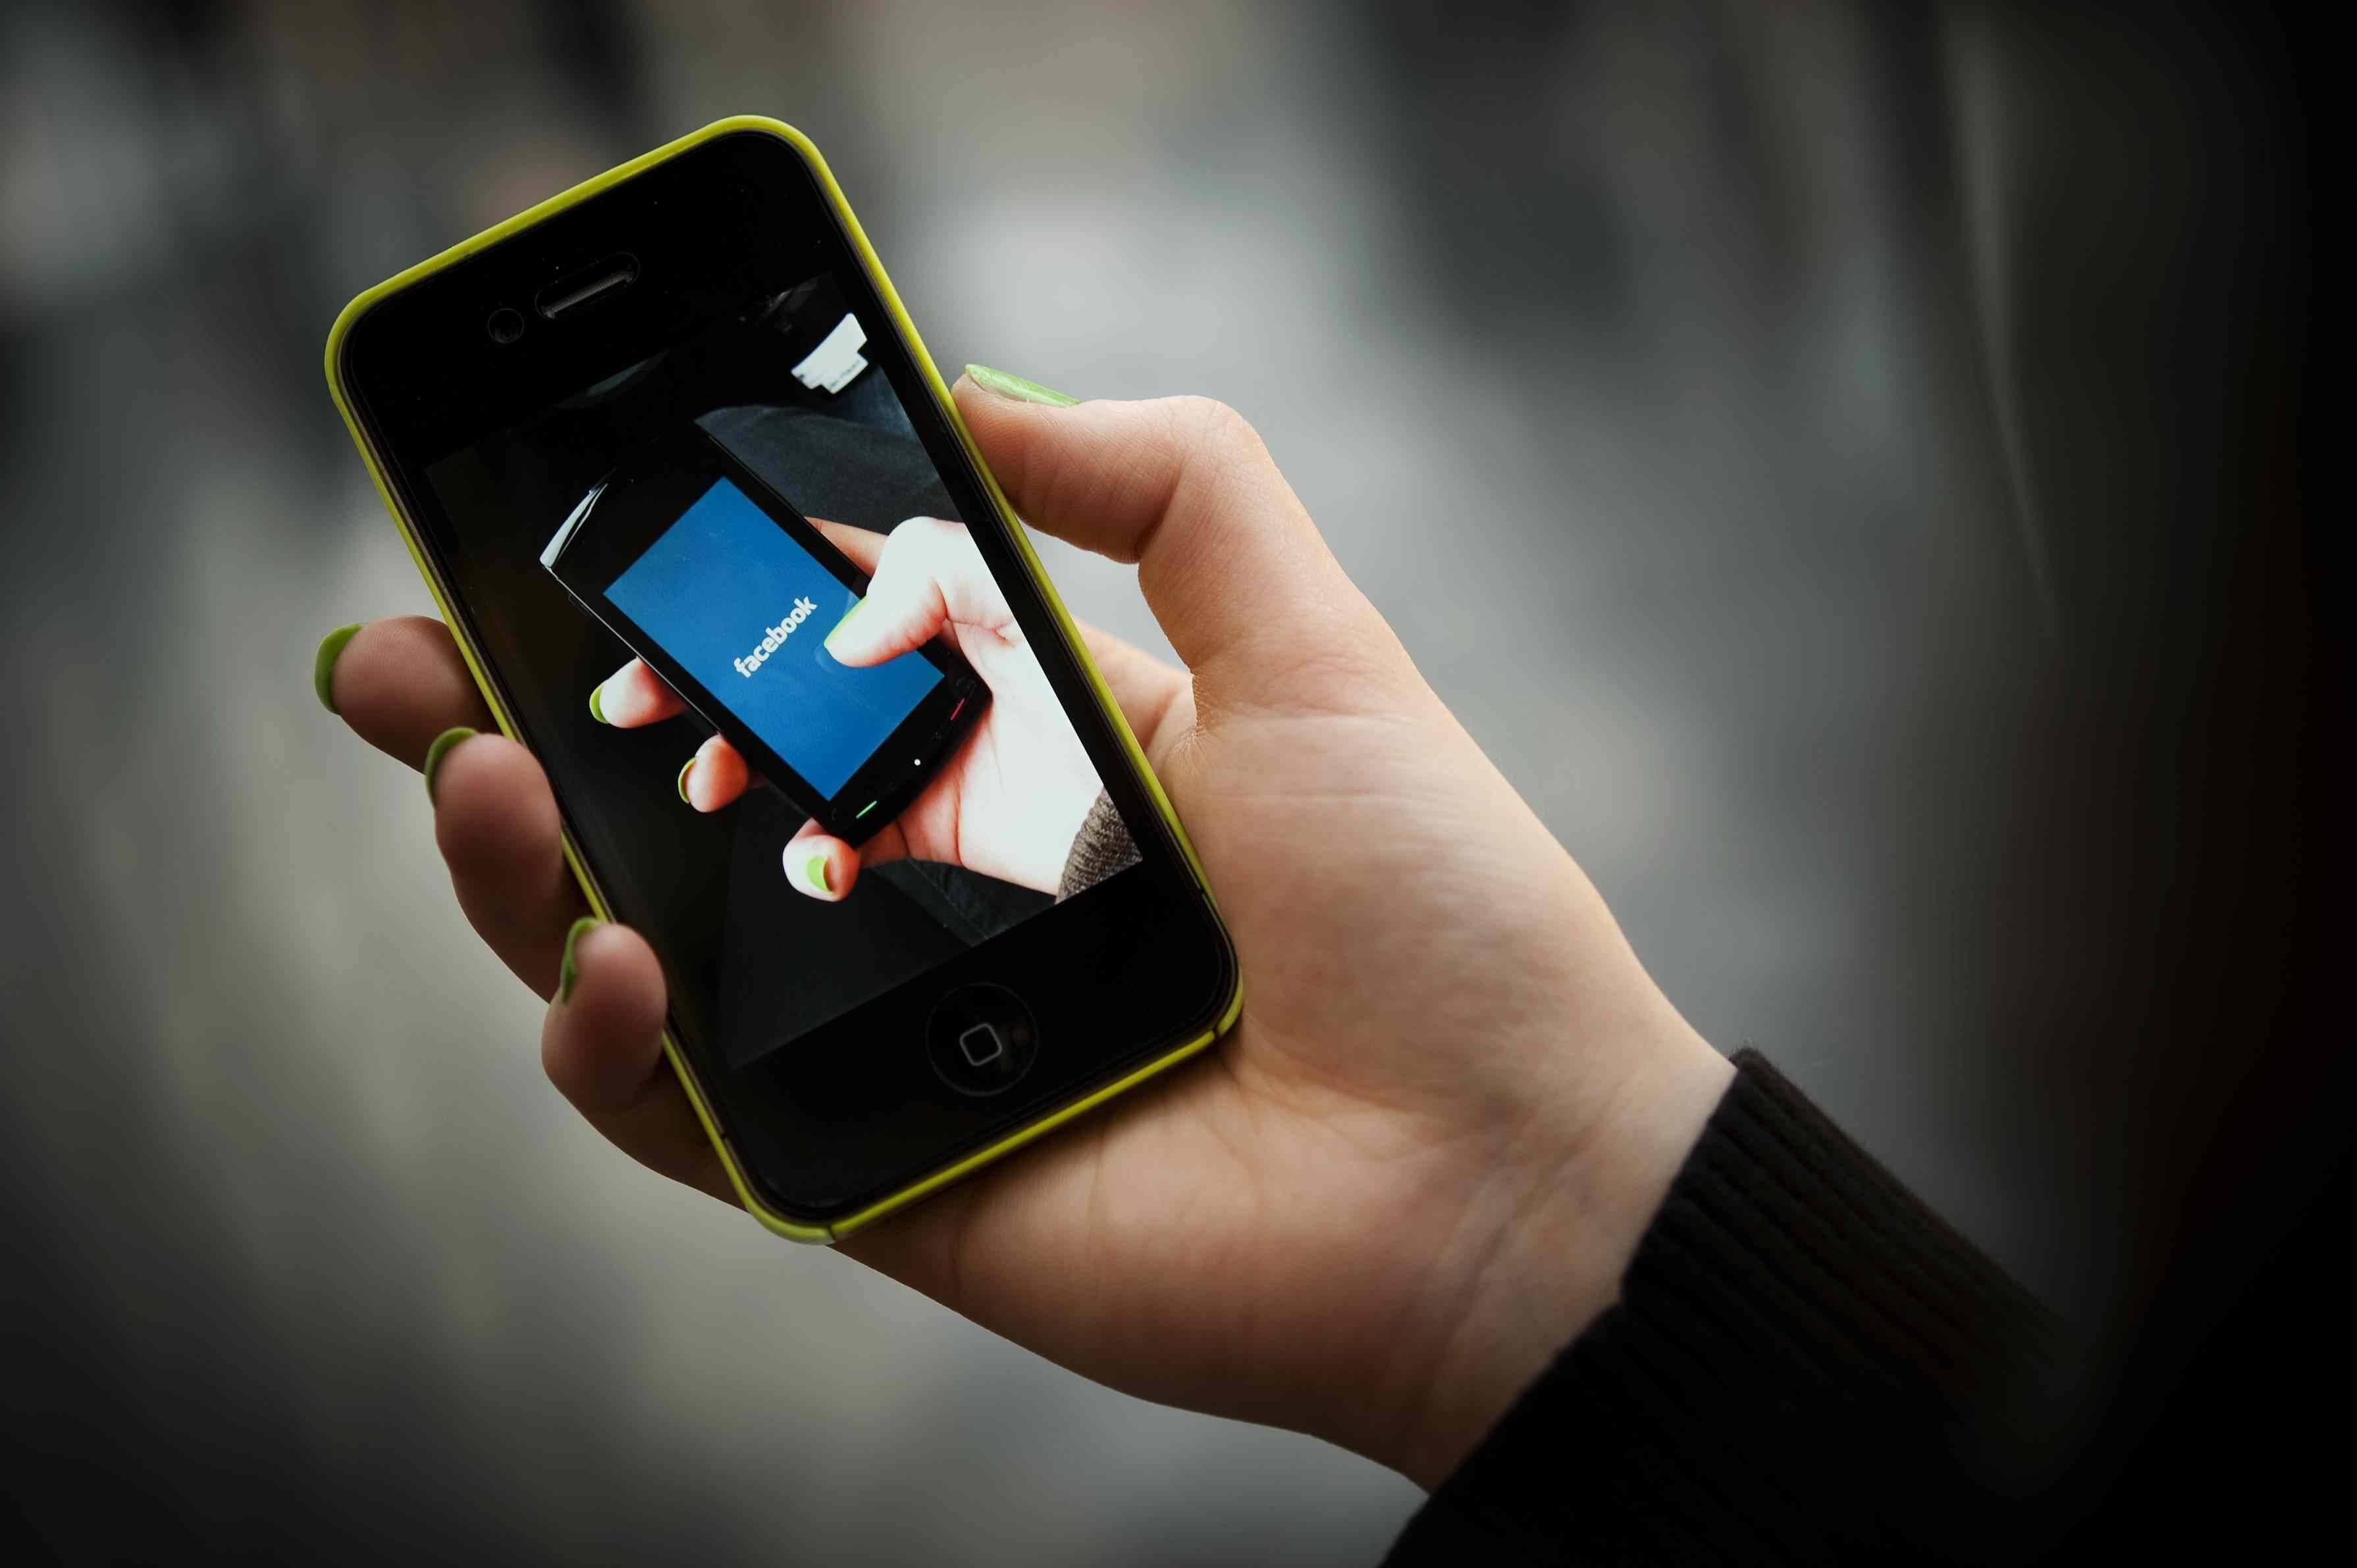 Come ottimizzare la durata della batteria negli iPhone